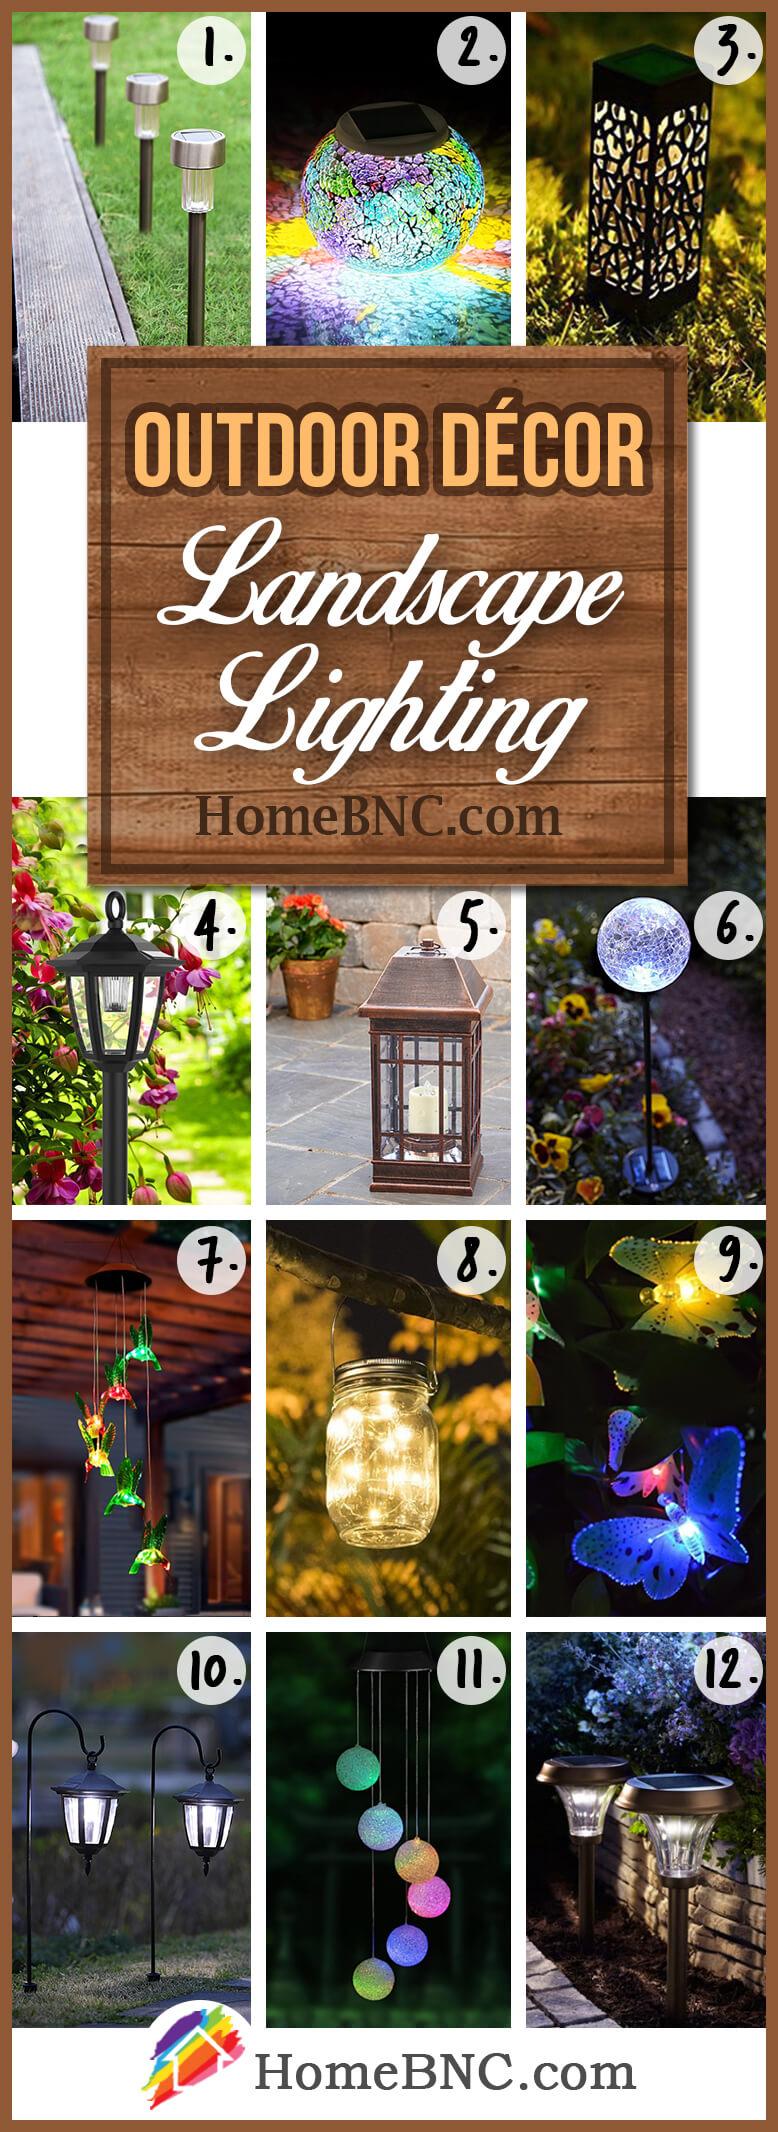 25 DIY Außenbeleuchtung Ideen, die aufregend und einfach zu machen sind